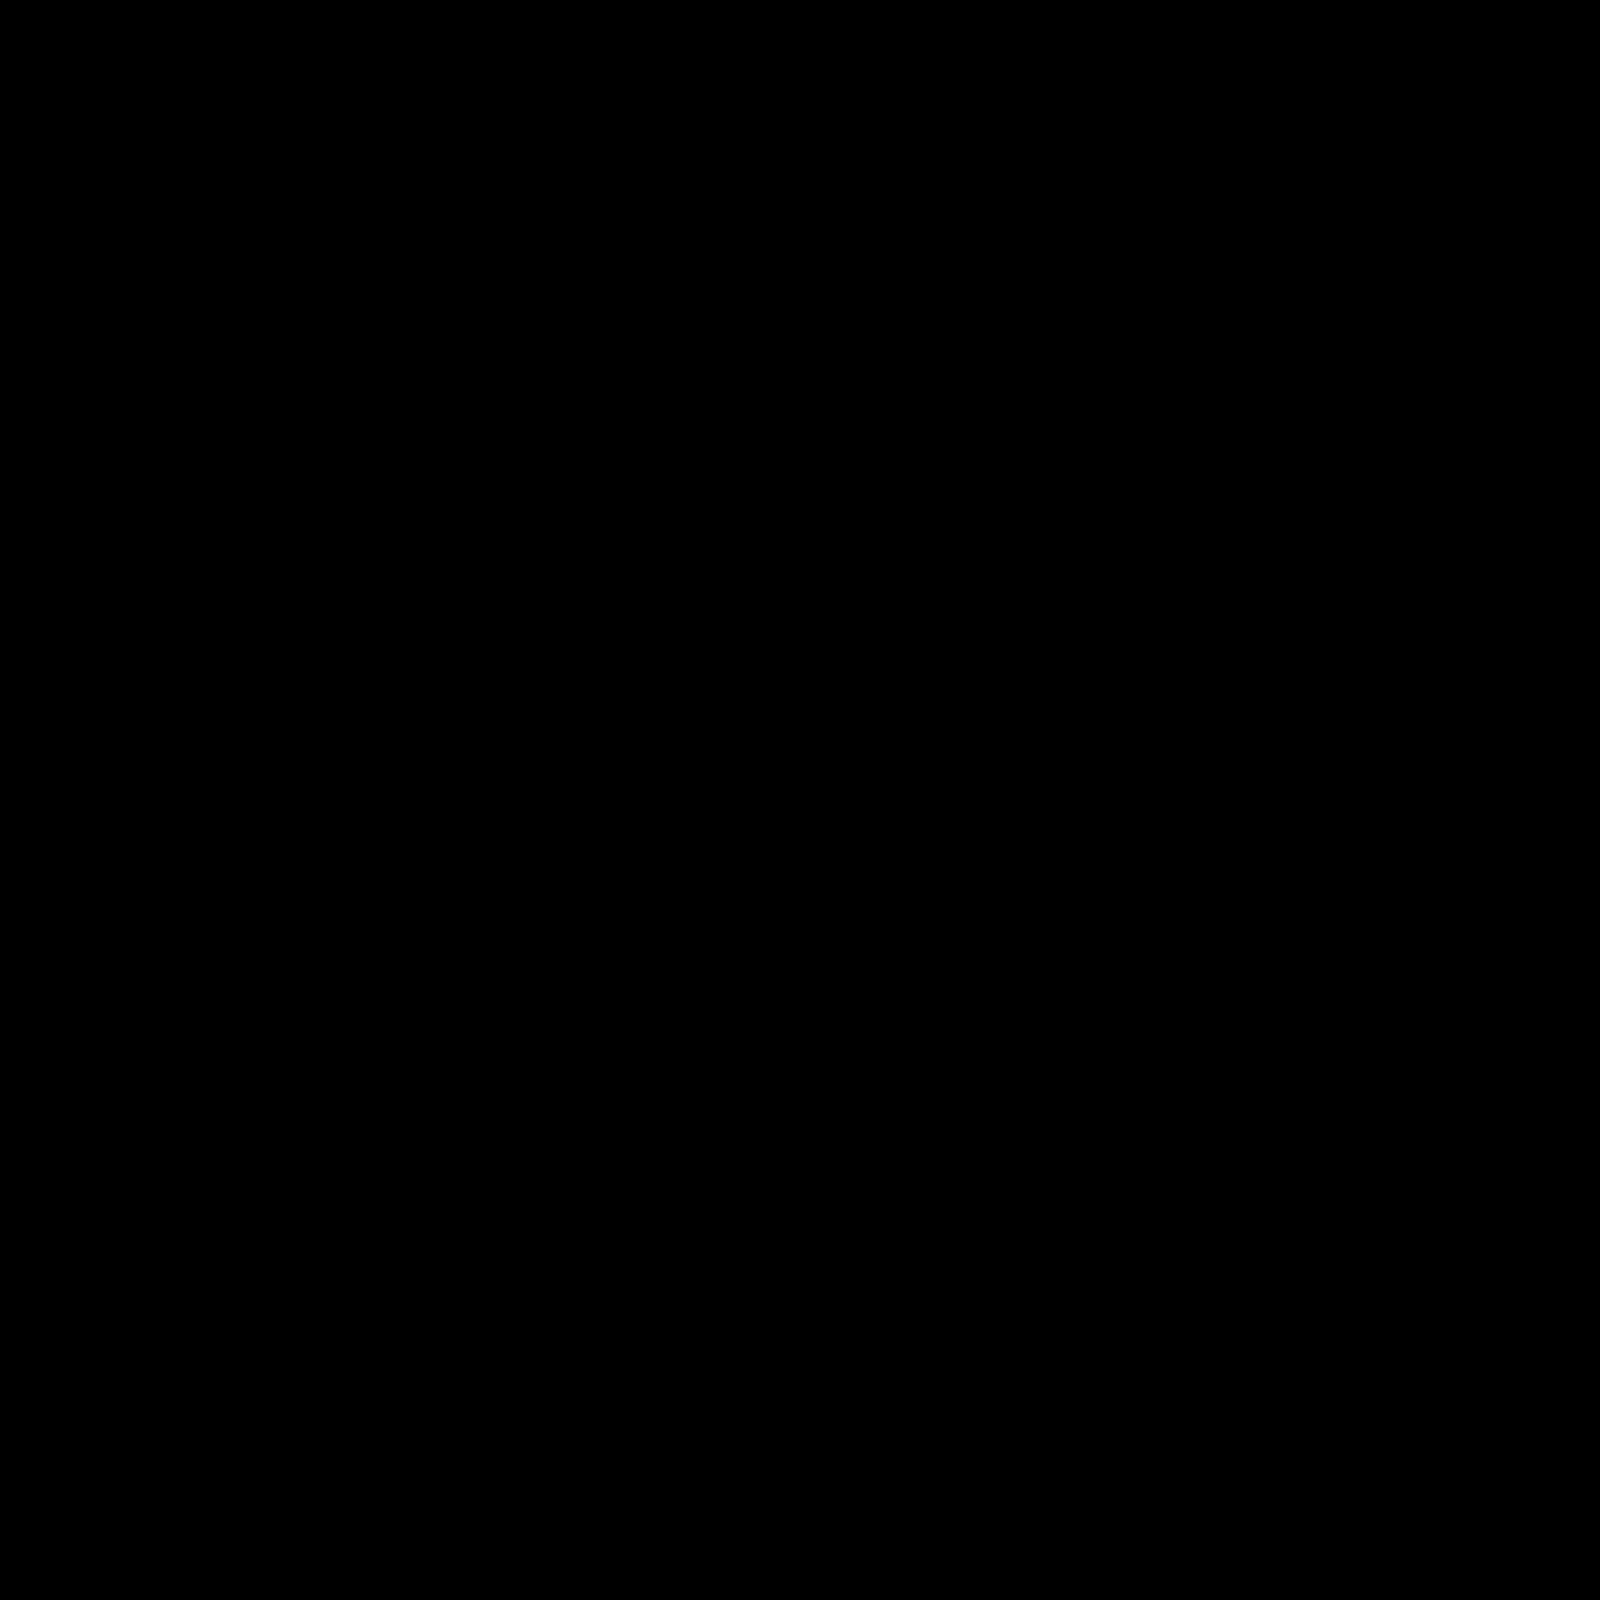 ちょうネクタイ icon. The icon is a simplified depiction of a tied bow-tie. Two large trapezoidal flaps extend outward from a middle bound portion. The icon symbolizes a bow-tie, a very minute alternative to a traditional long tie, often worn for formal wear and occasions.